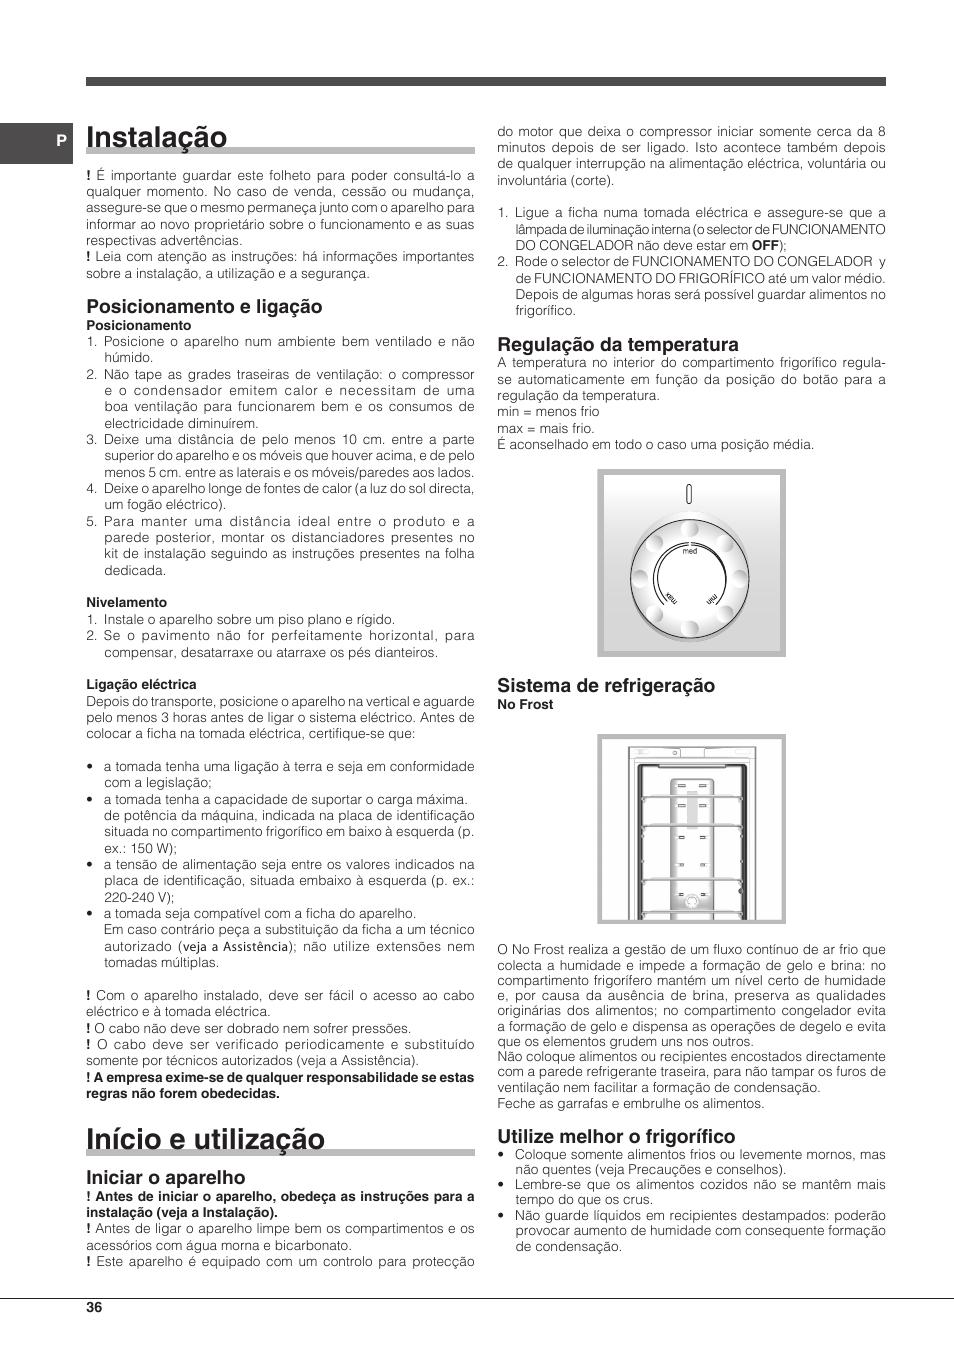 Instalação, Início e utilização, Posicionamento e ligação